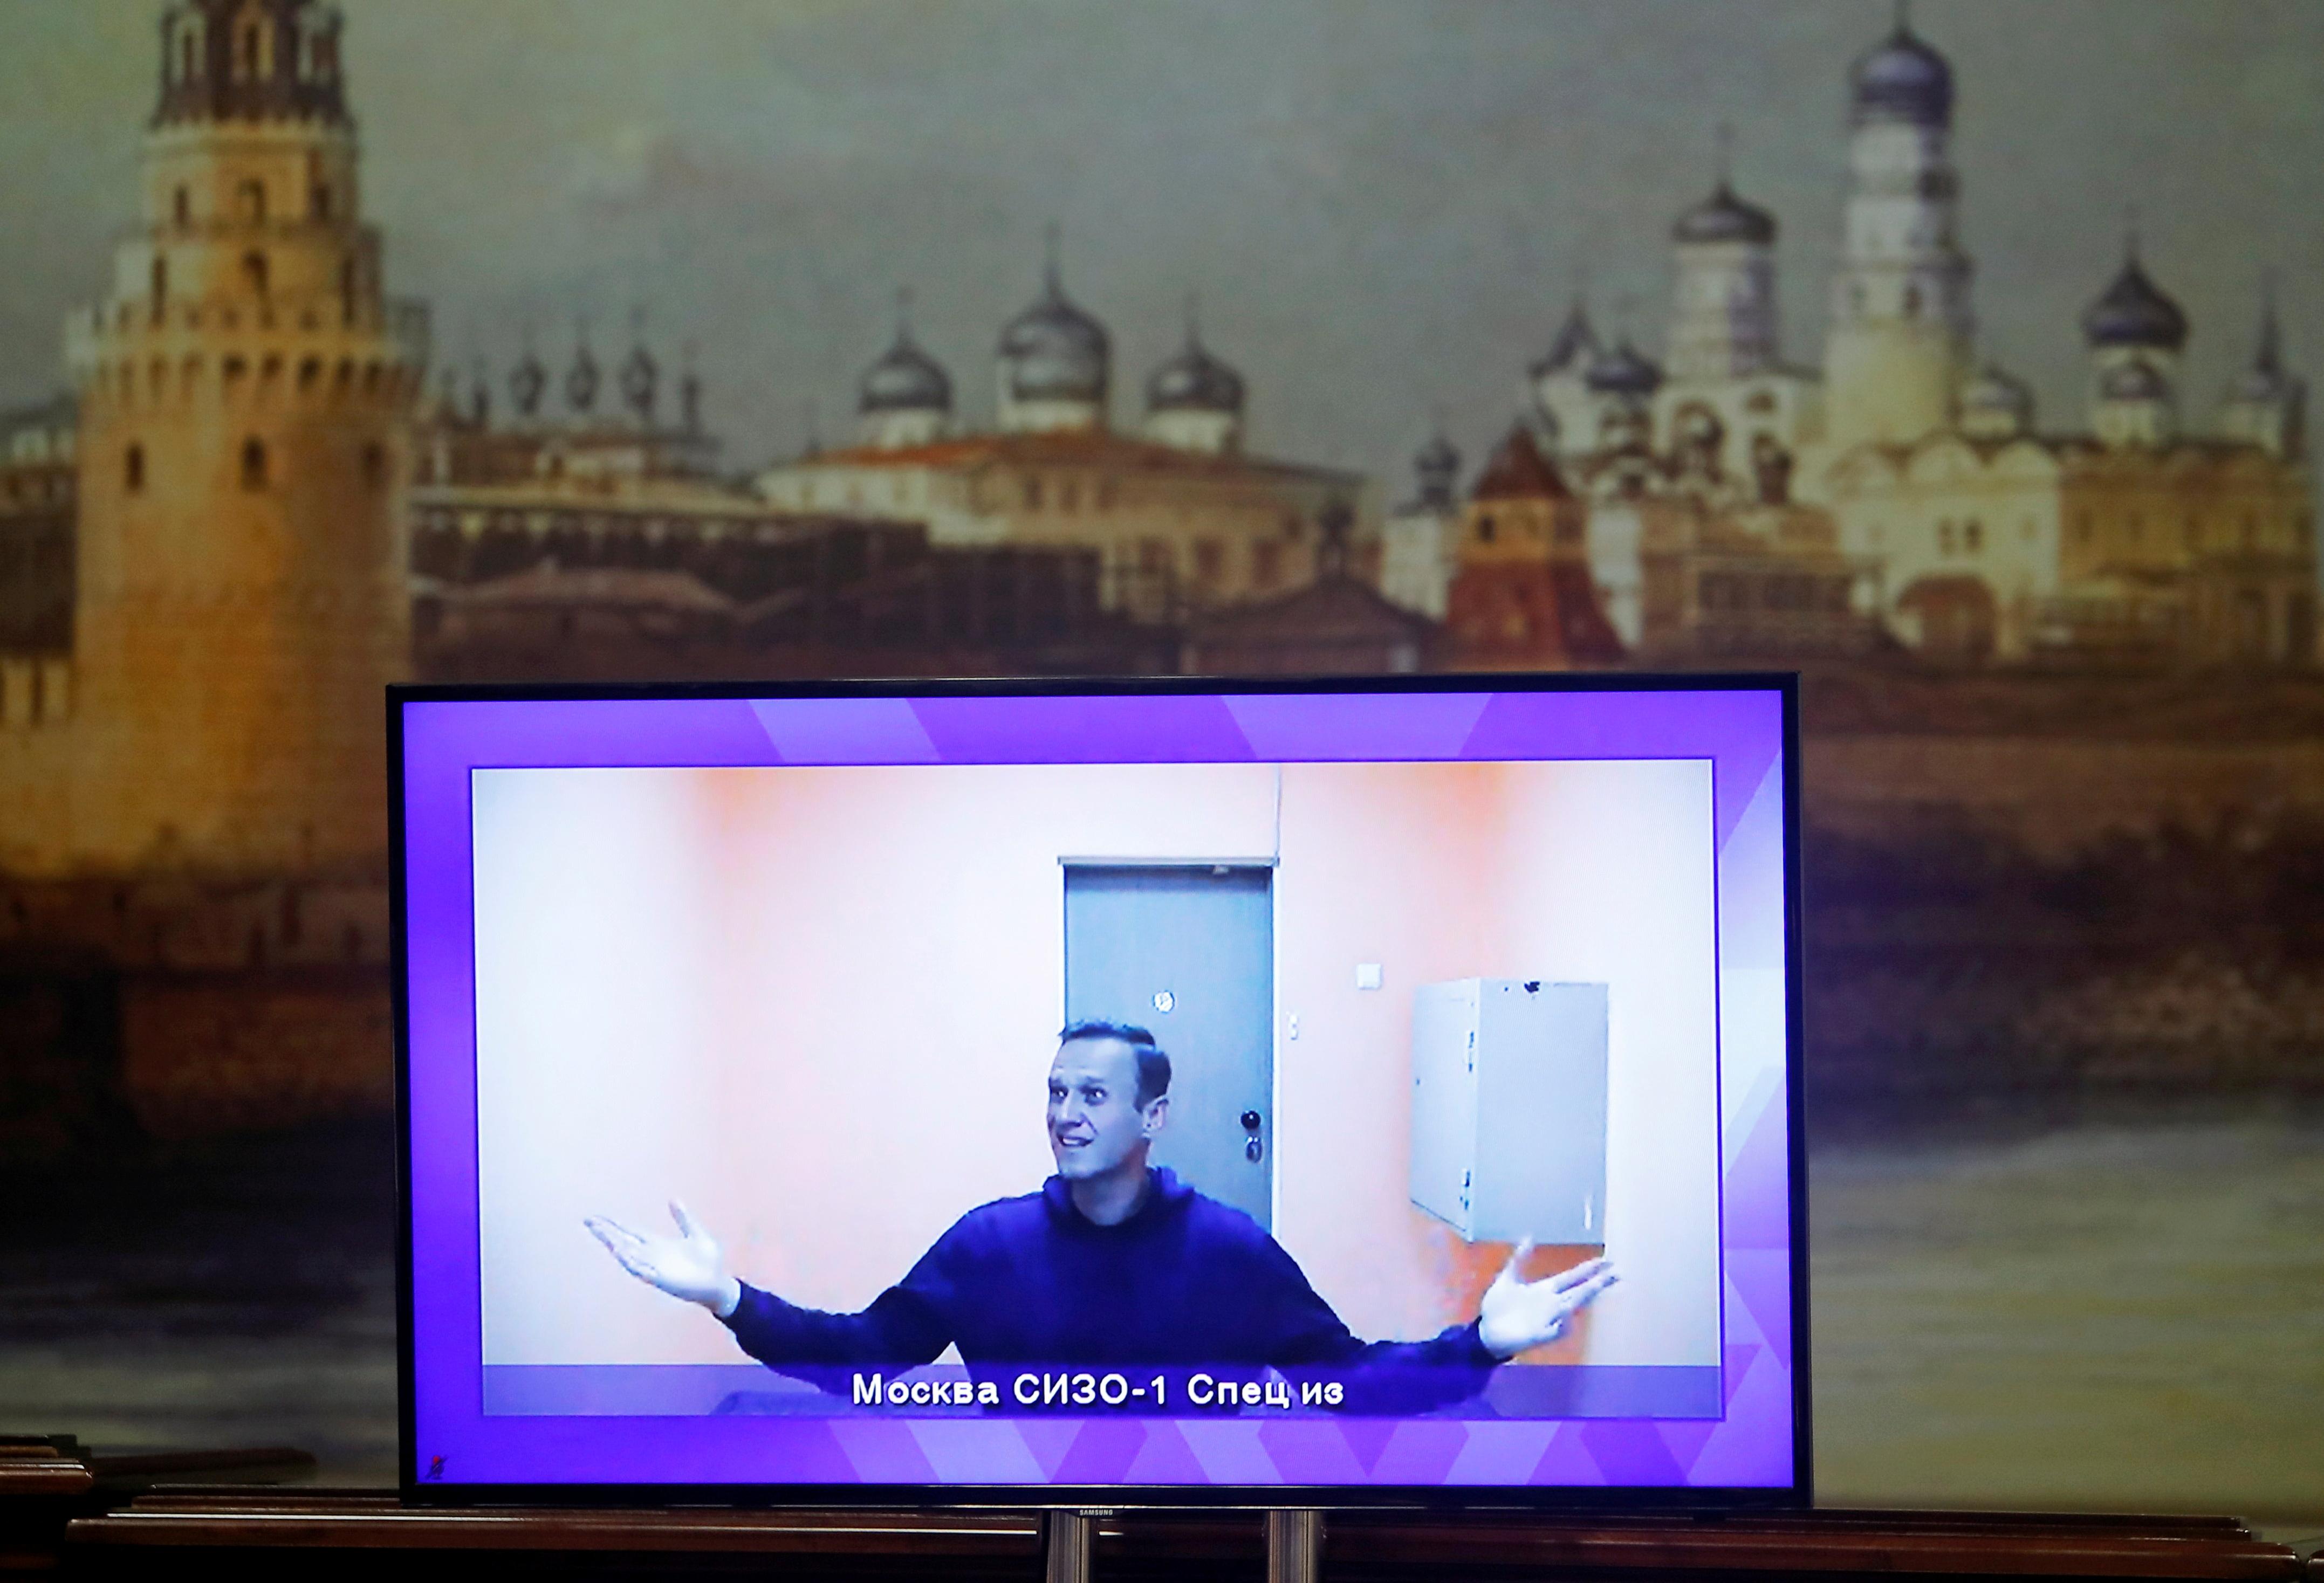 Трансляция время судебного заседания порассмотрению апелляции наарест Алексея Навального, Москва, Россия, 28 января 2021 года